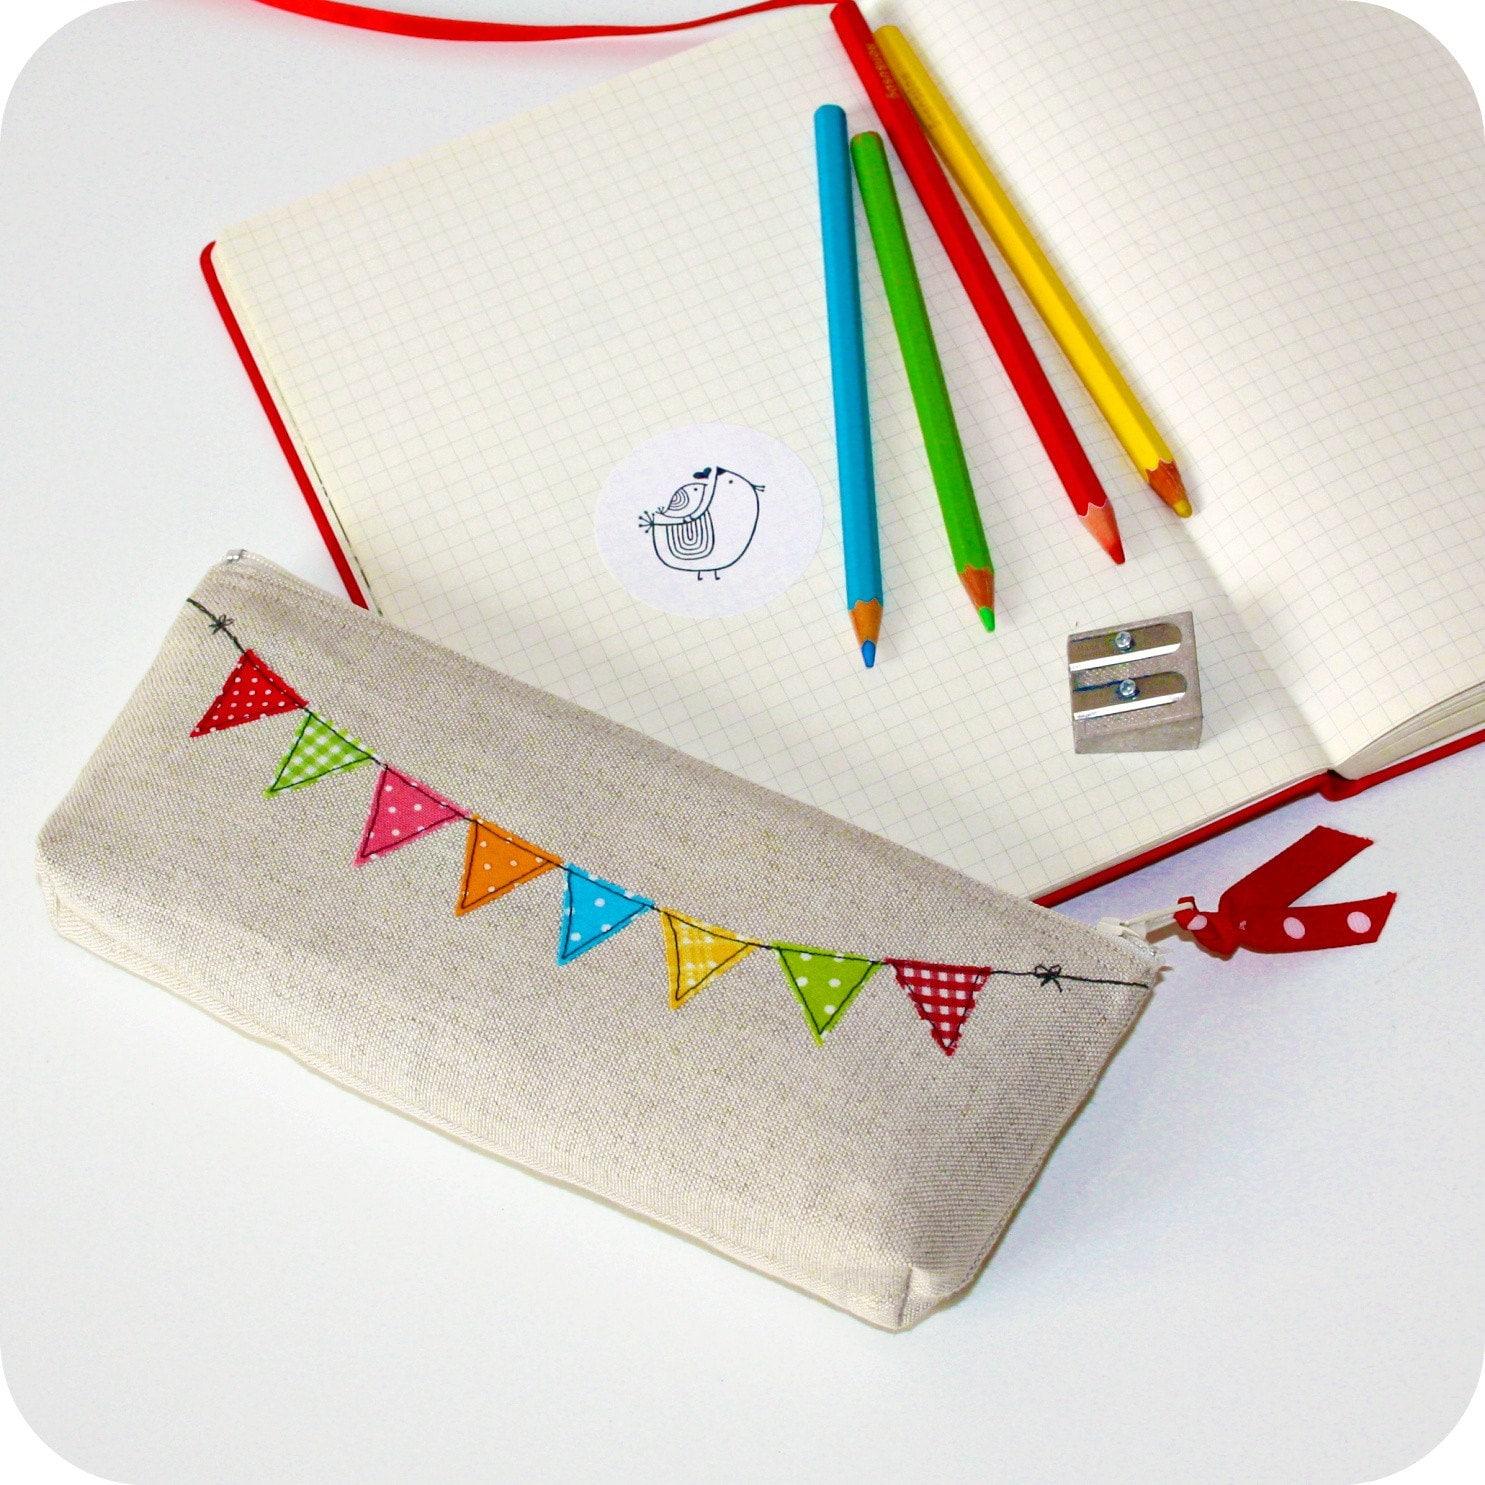 unique linen pencil case clutch by pillipilli on Etsy